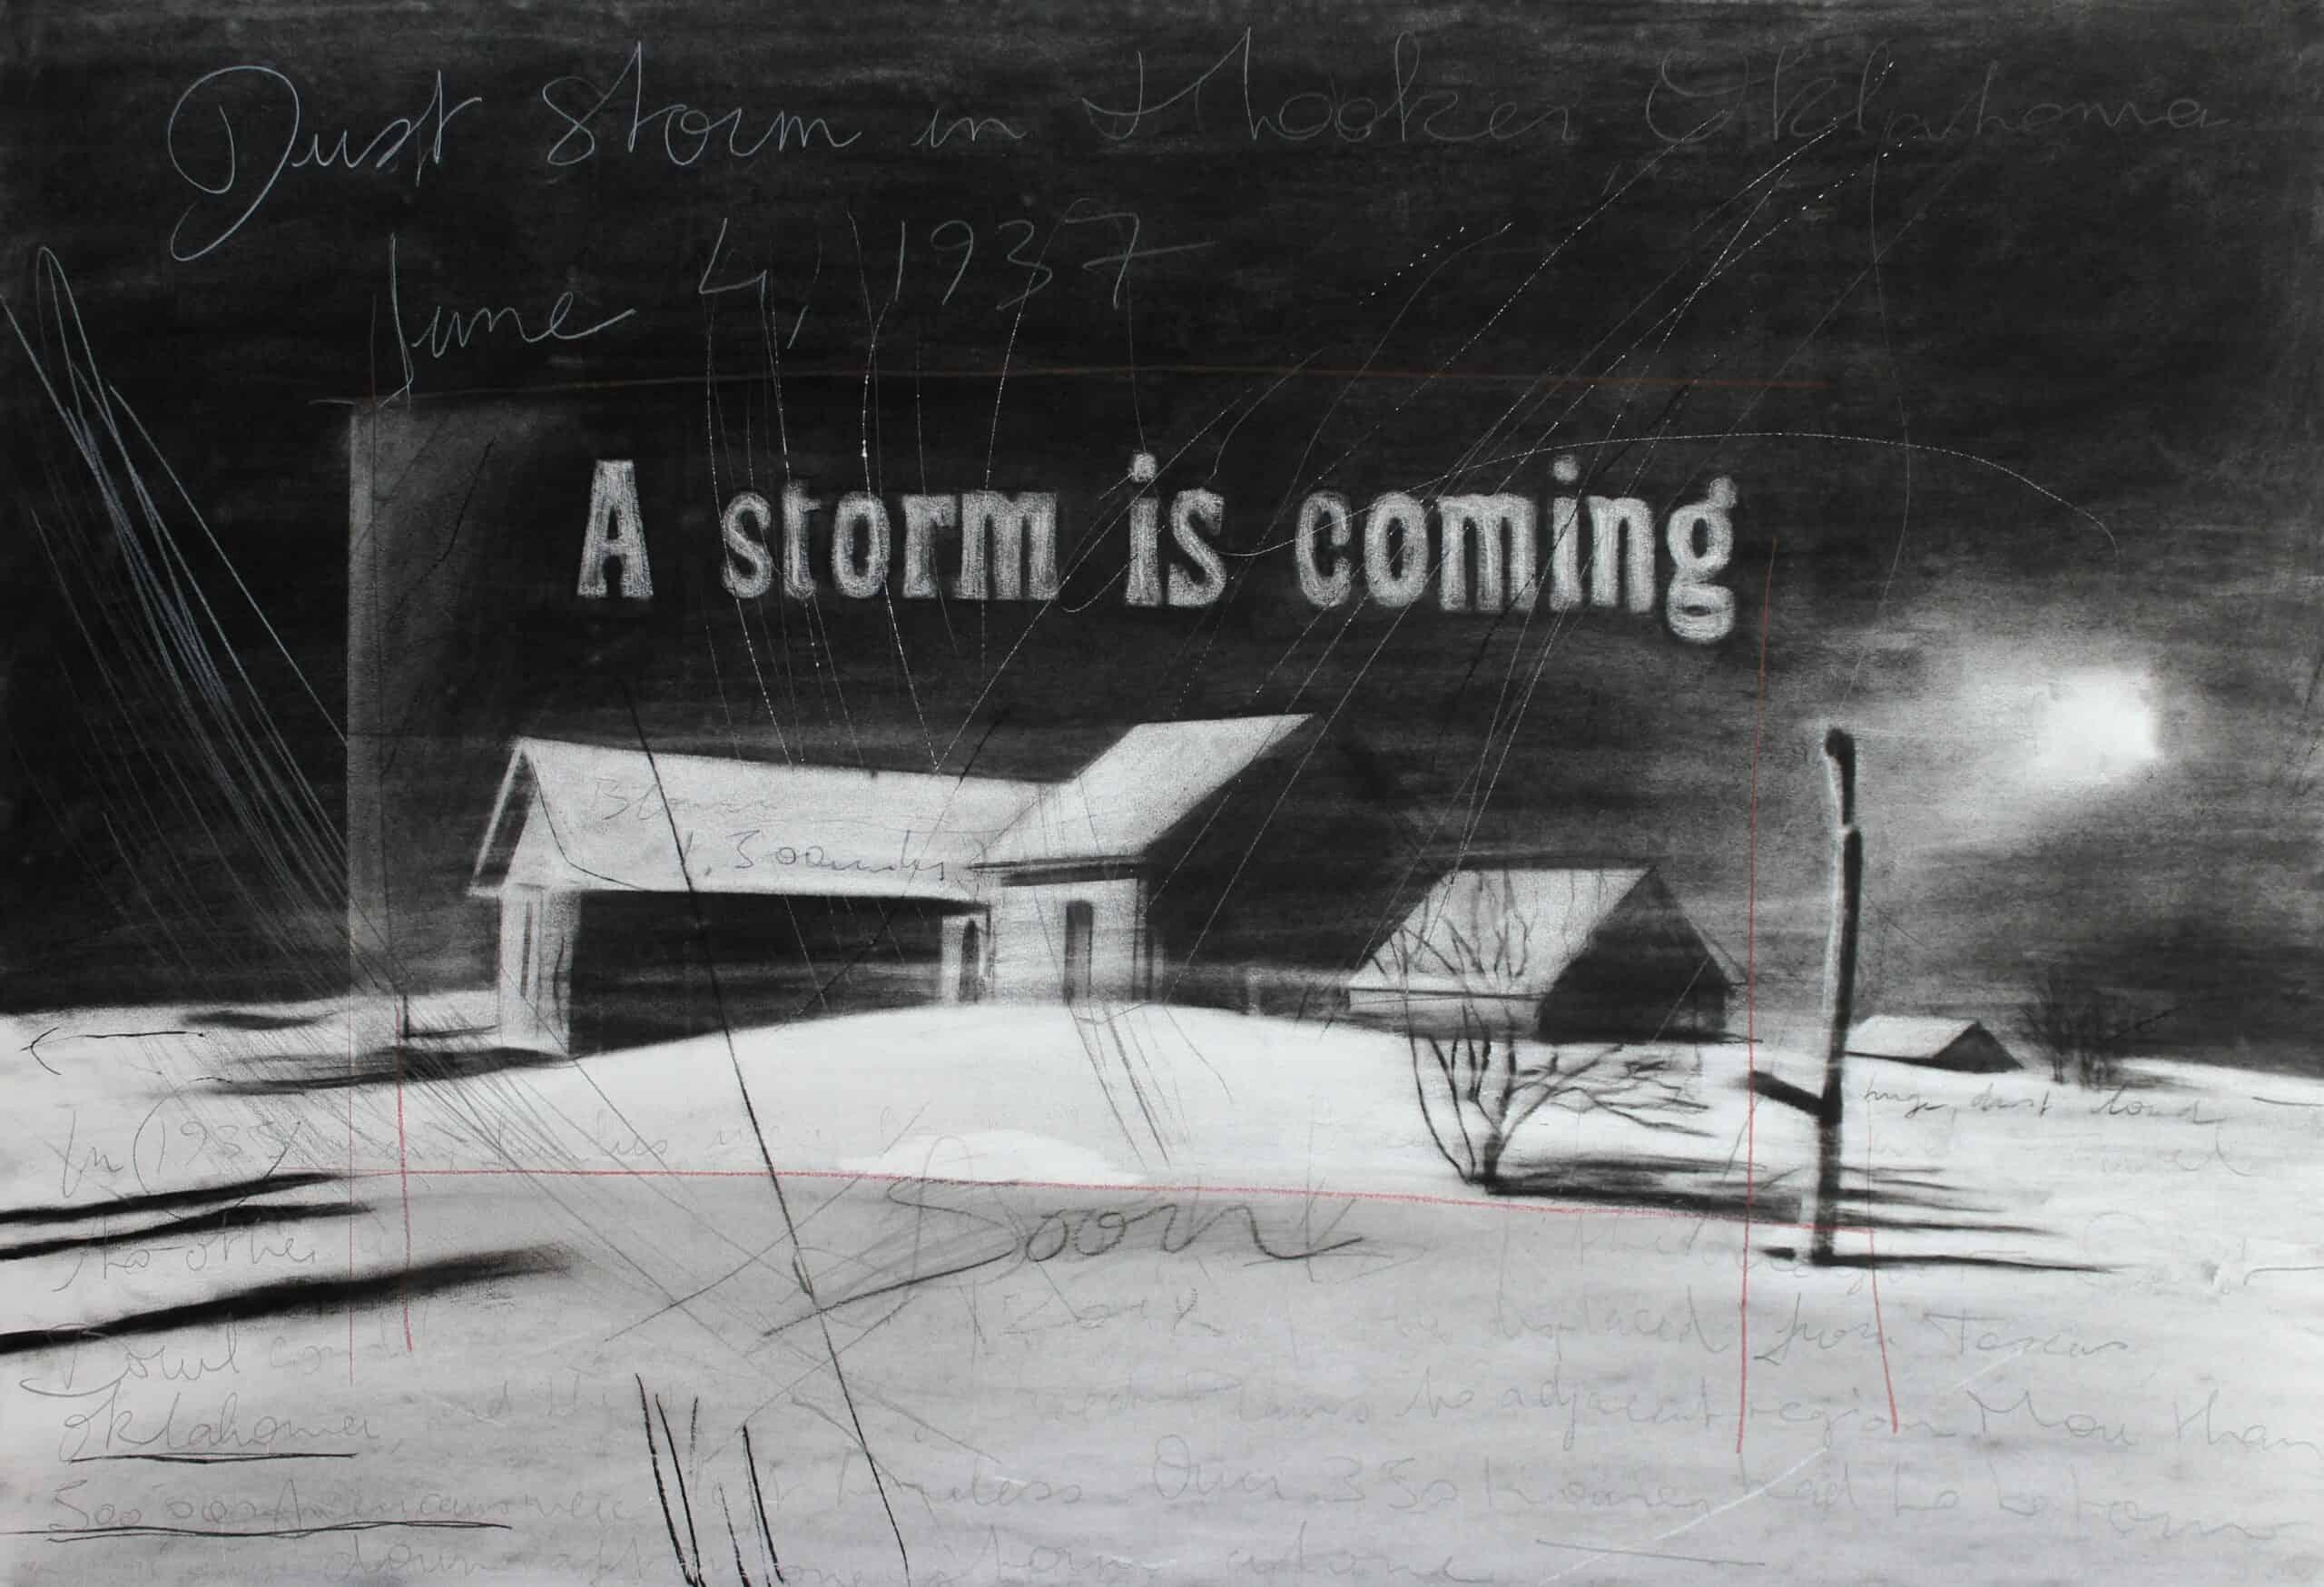 Gabriel Folli, A storm is coming, fusain, pierre noire, graphite et crayon de couleur sur papier, 75 x 110 cm, 2017. © Gabriel Folli